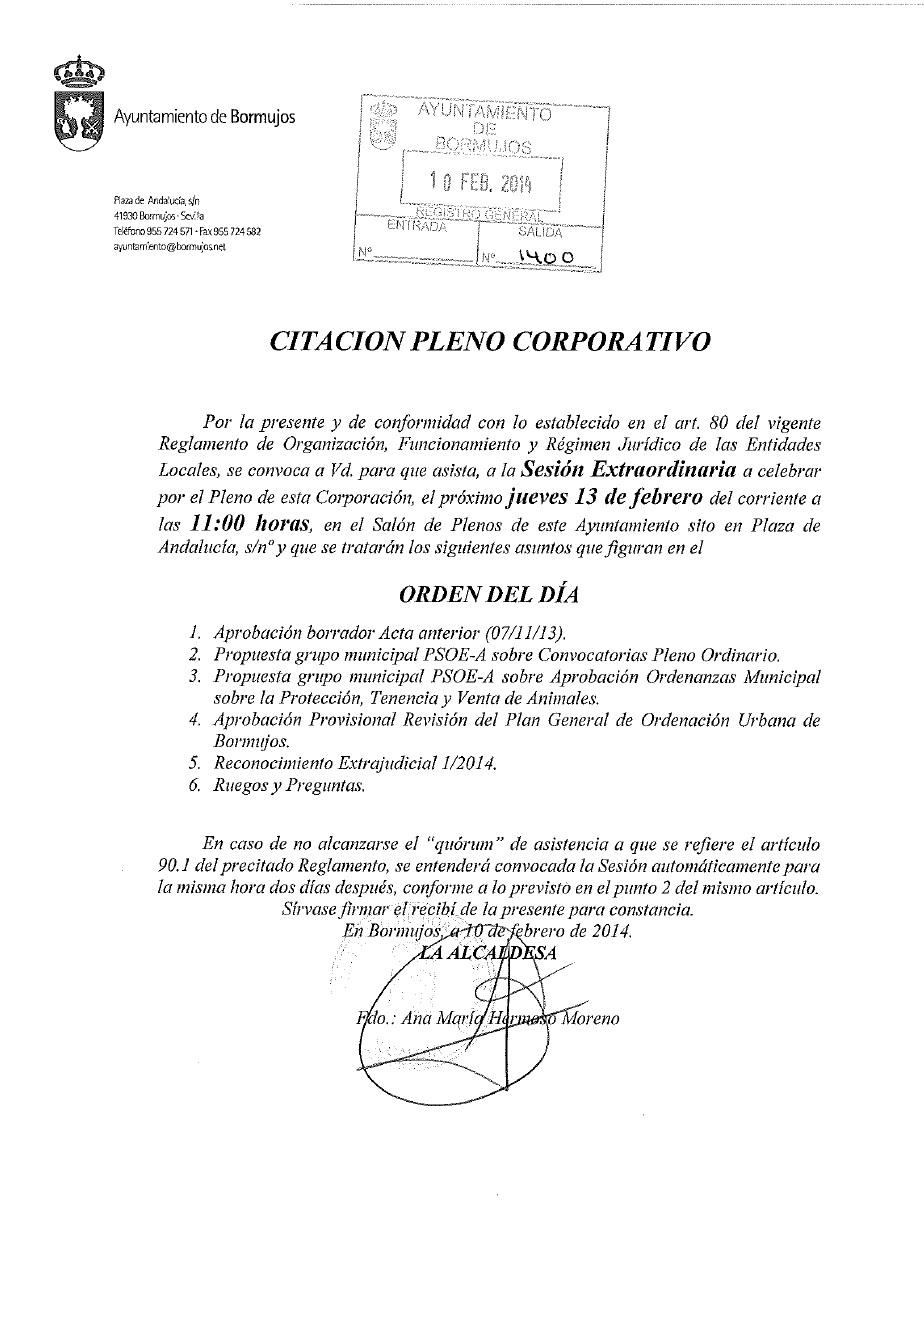 CITACIN PLENO EXTRAORDINARIO 13-2-2014